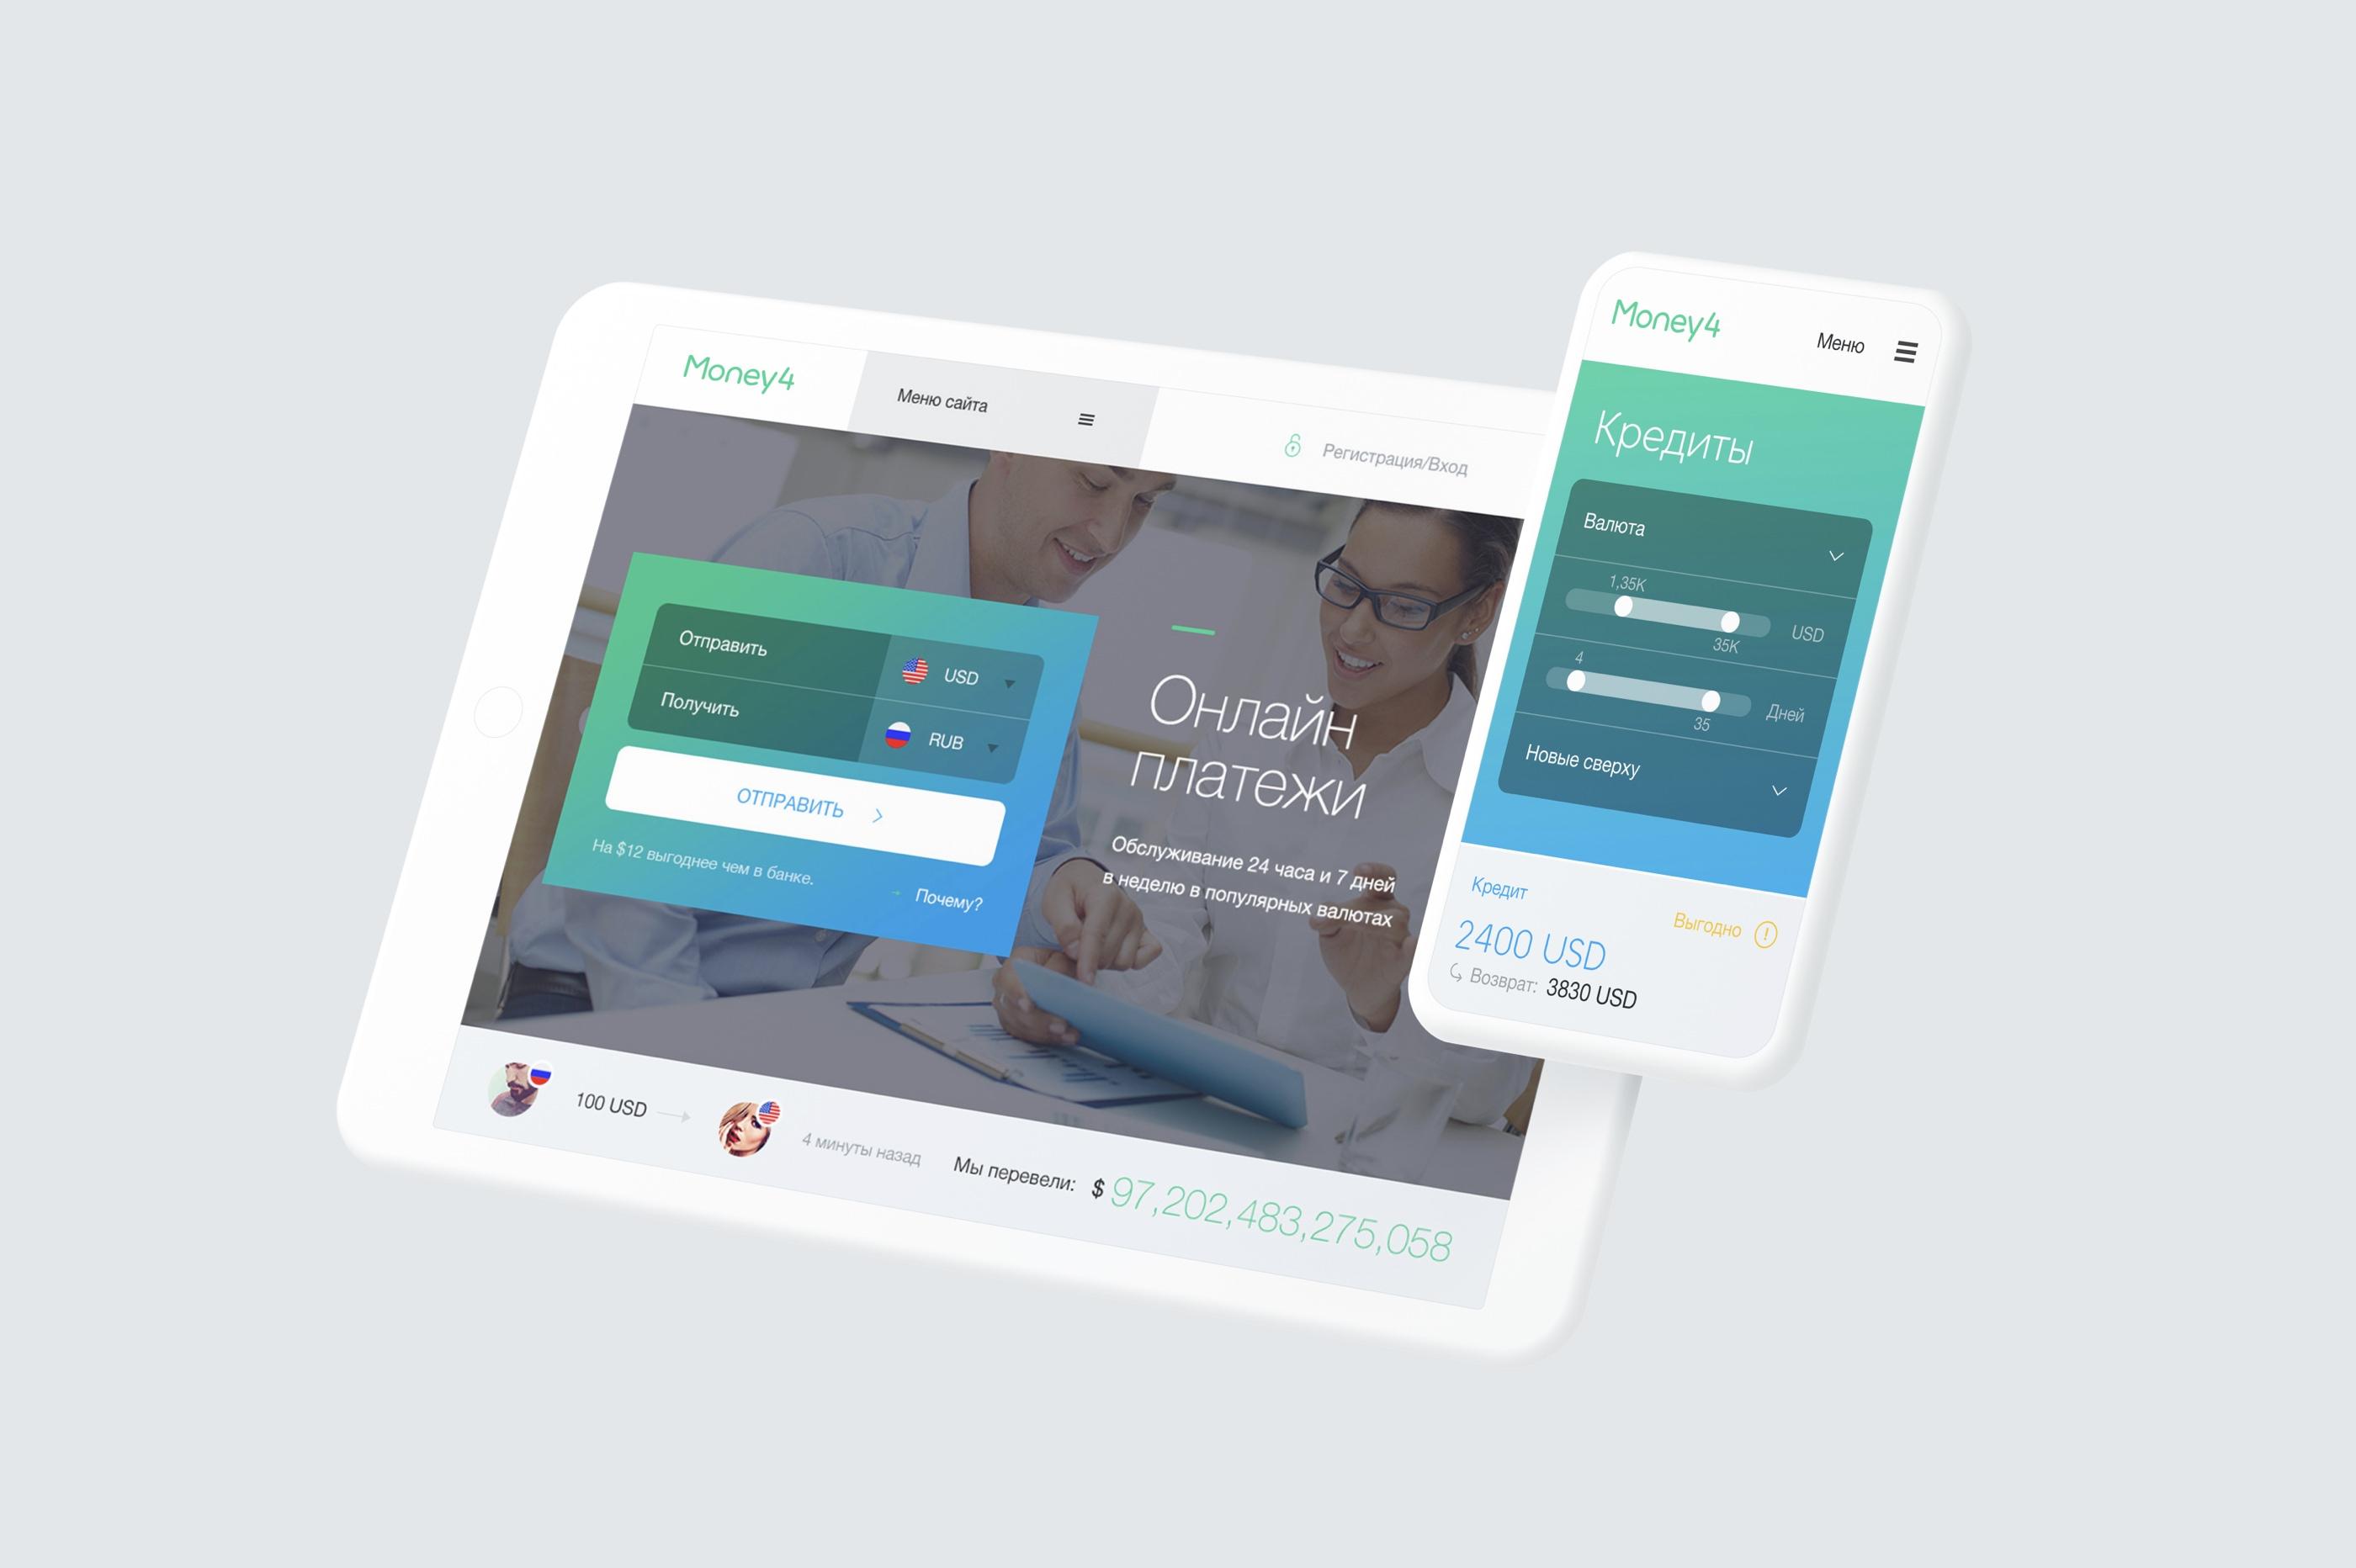 01_2_responsive design_Mobile App and website Money Nebeus_Money4_by_basov_design_